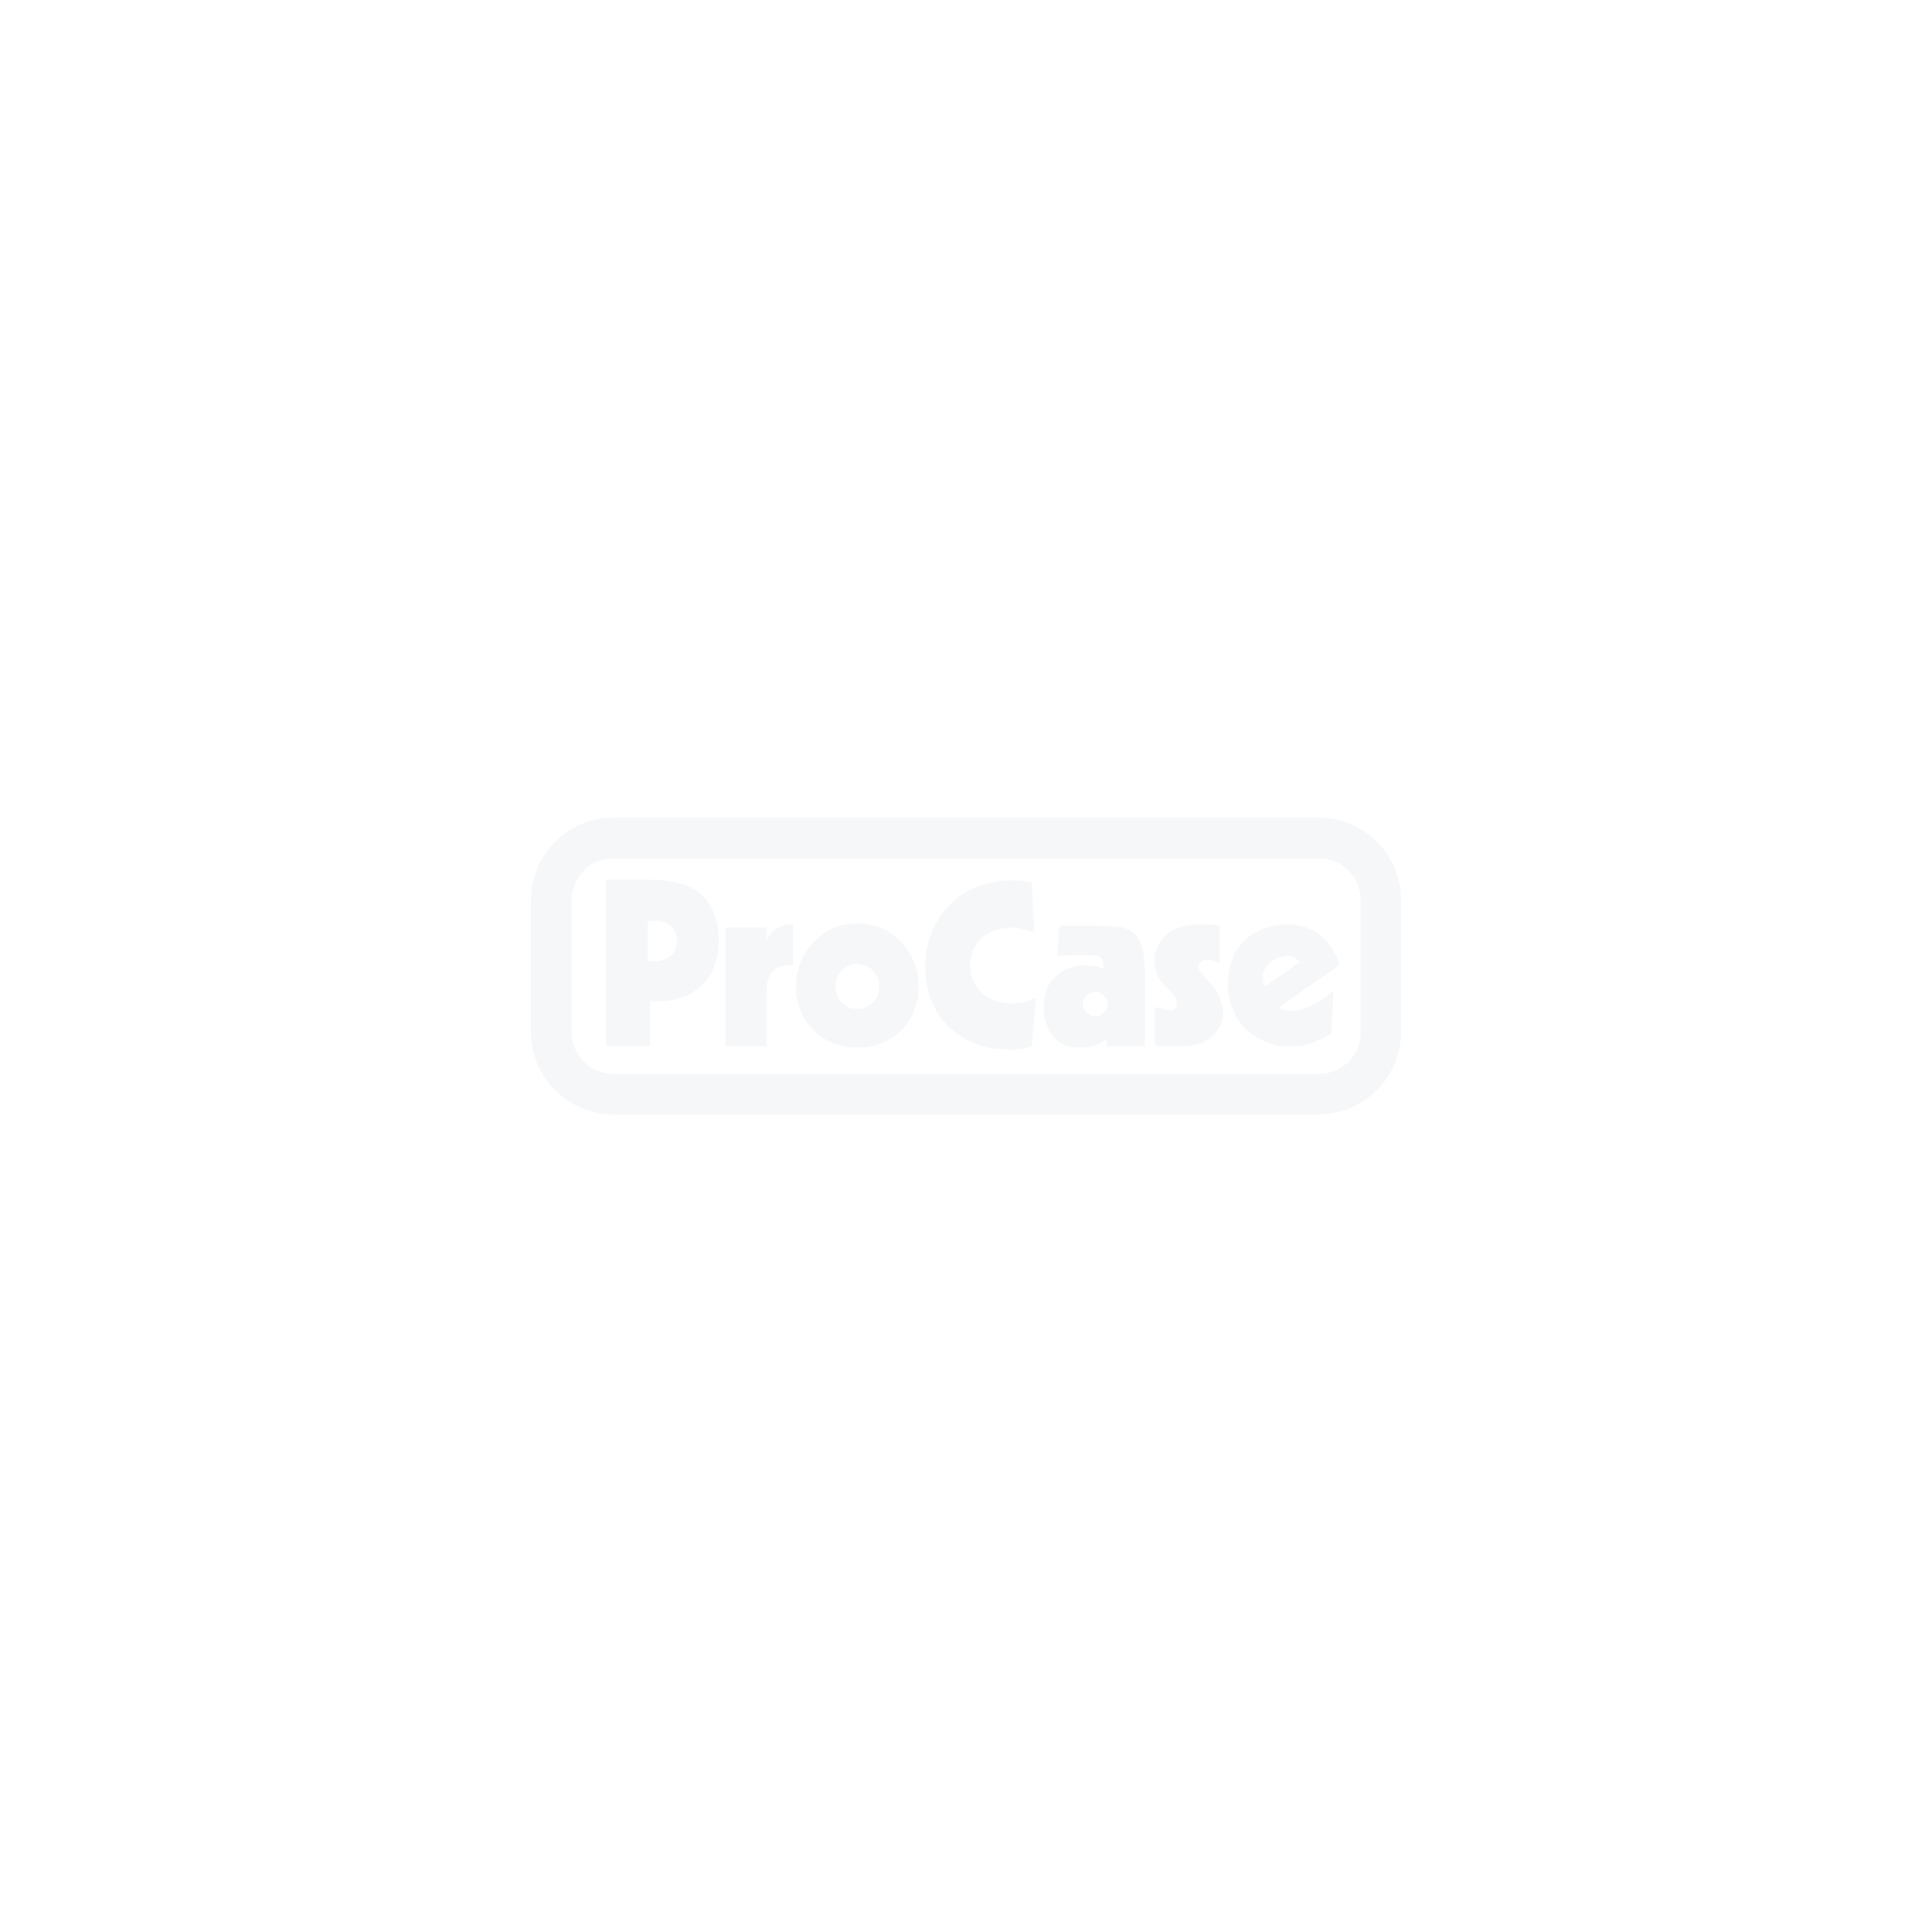 Transportcontainer für Schiffskolben MTU PowerUnit